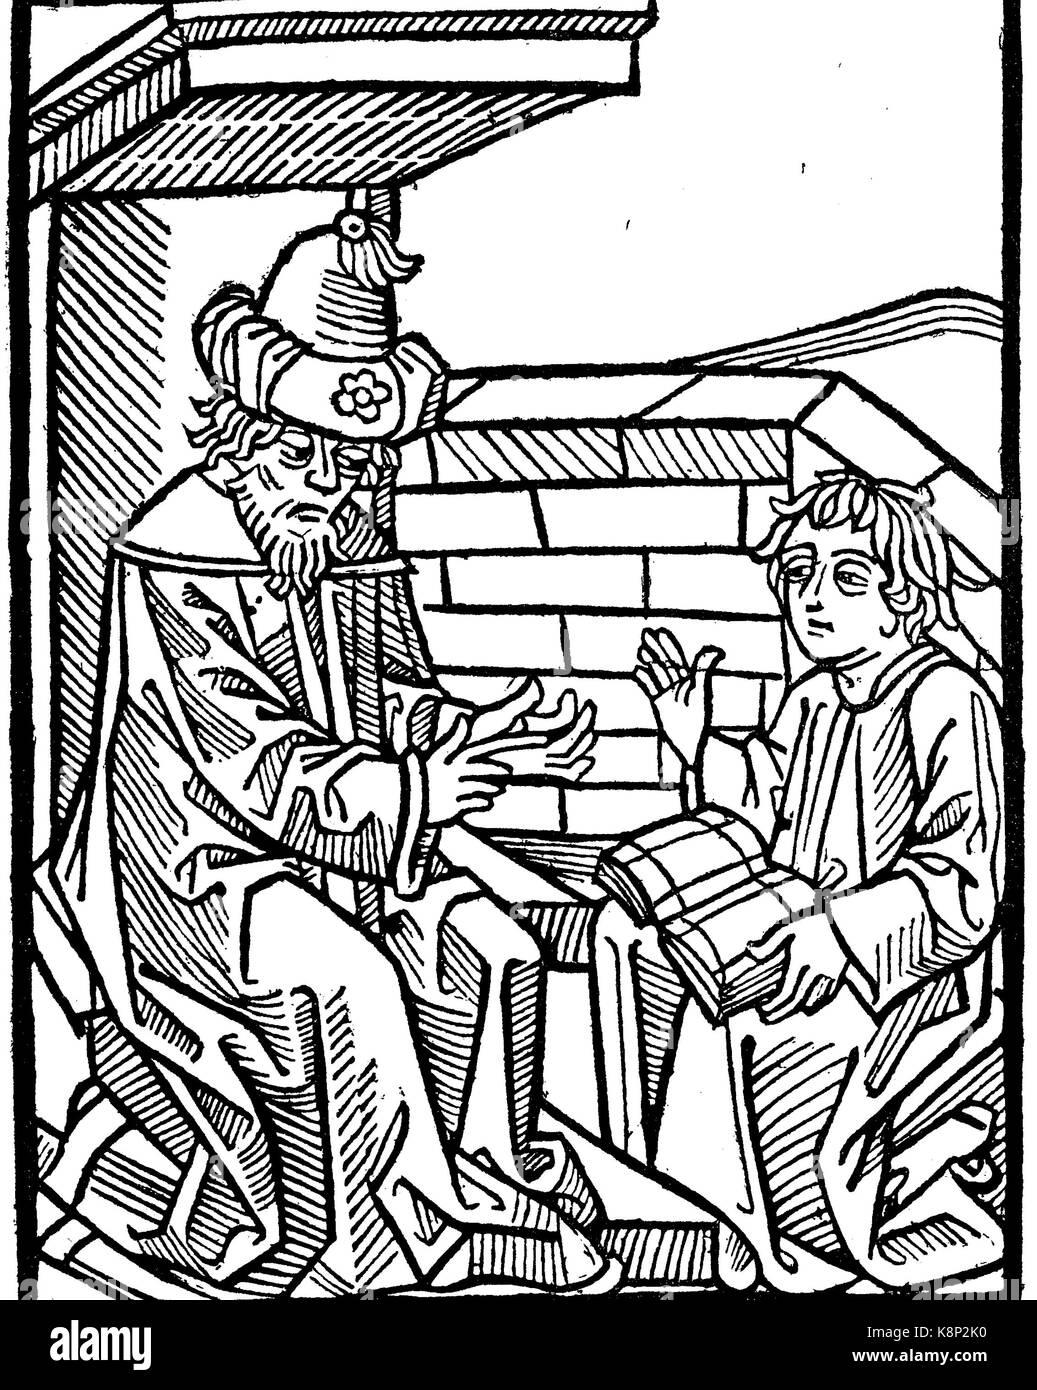 teacher and pupil, Lehrer und Schüler, Holzschnitt aus Ars memorativa von Anton Sorg, 1475, digital improved - Stock Image